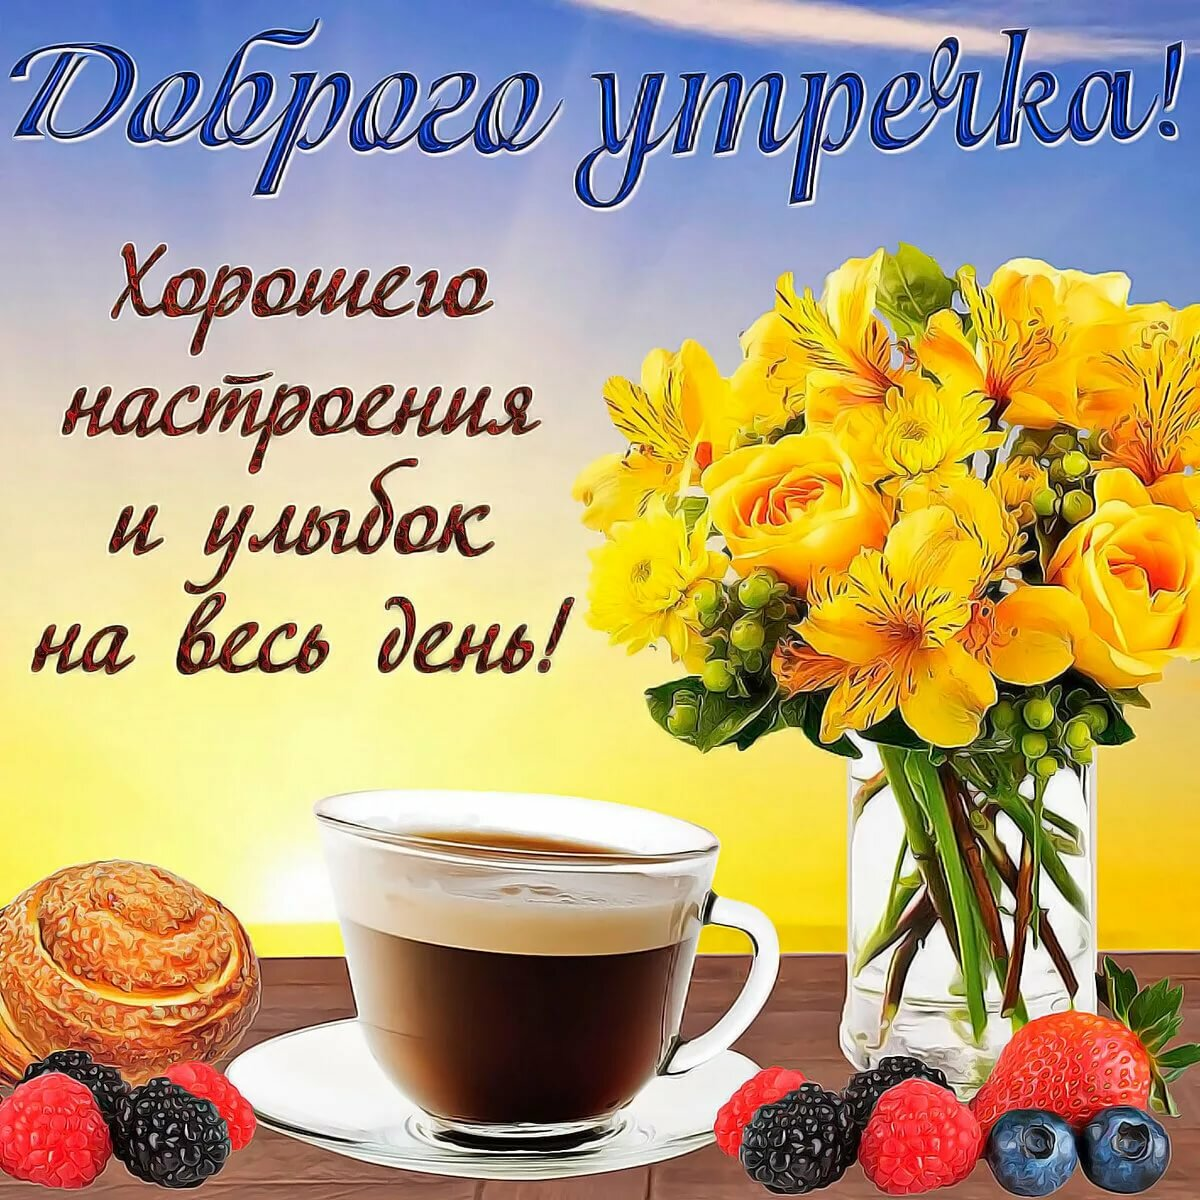 доброго утра друзья картинки красивые этом нетрезвый